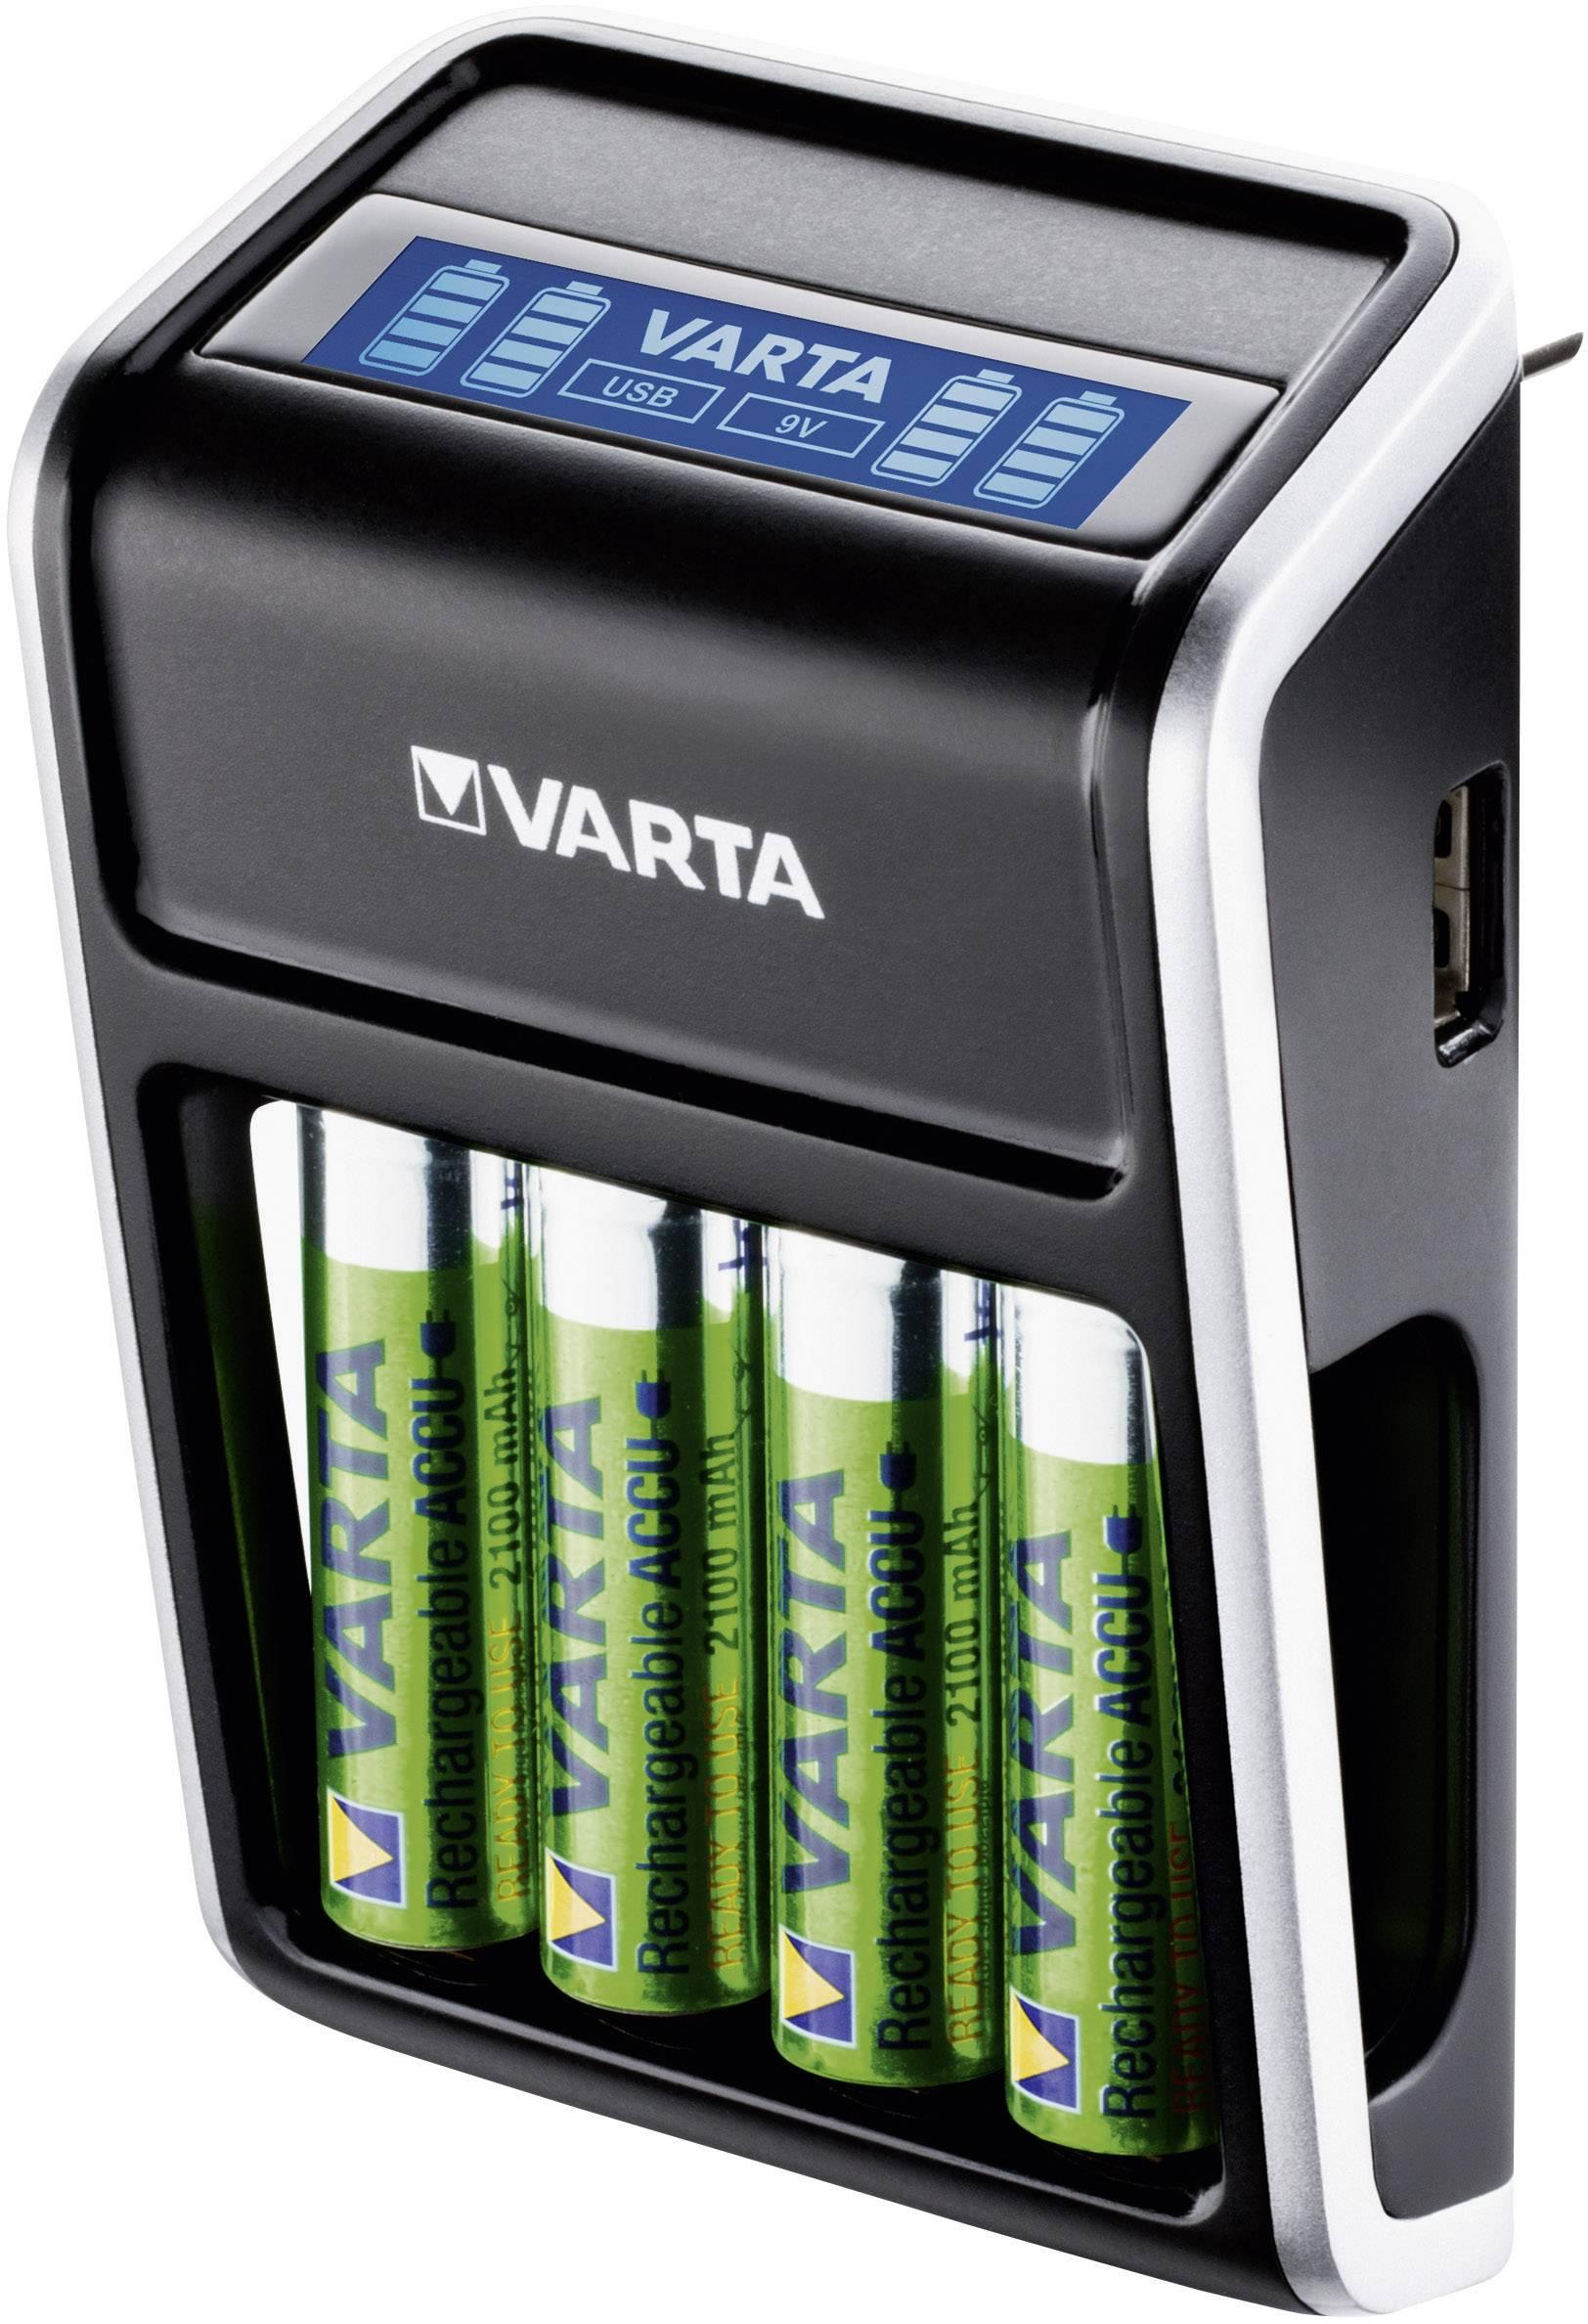 Varta LCD Lader Rundzellen Ladegerät NiMH Micro (AAA